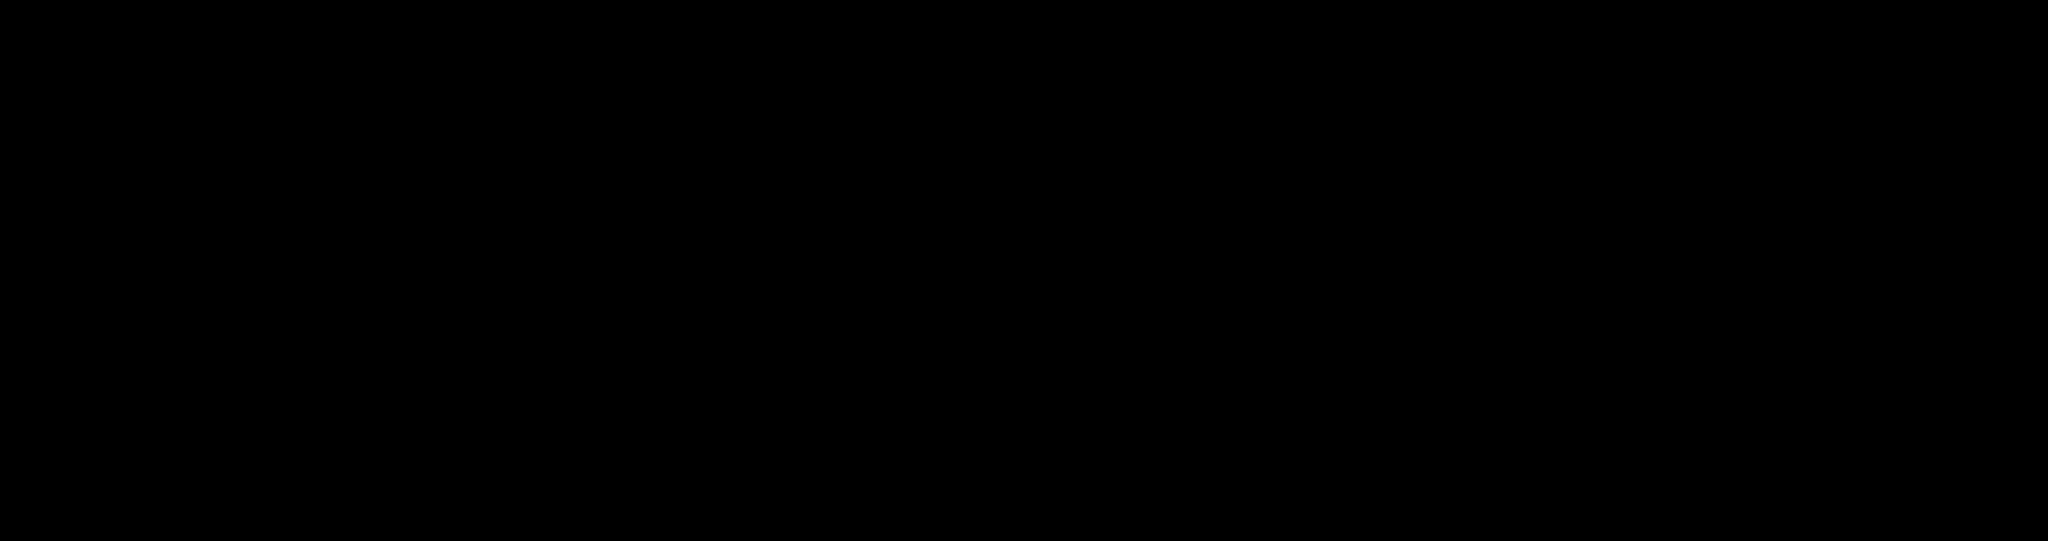 Little warden logo